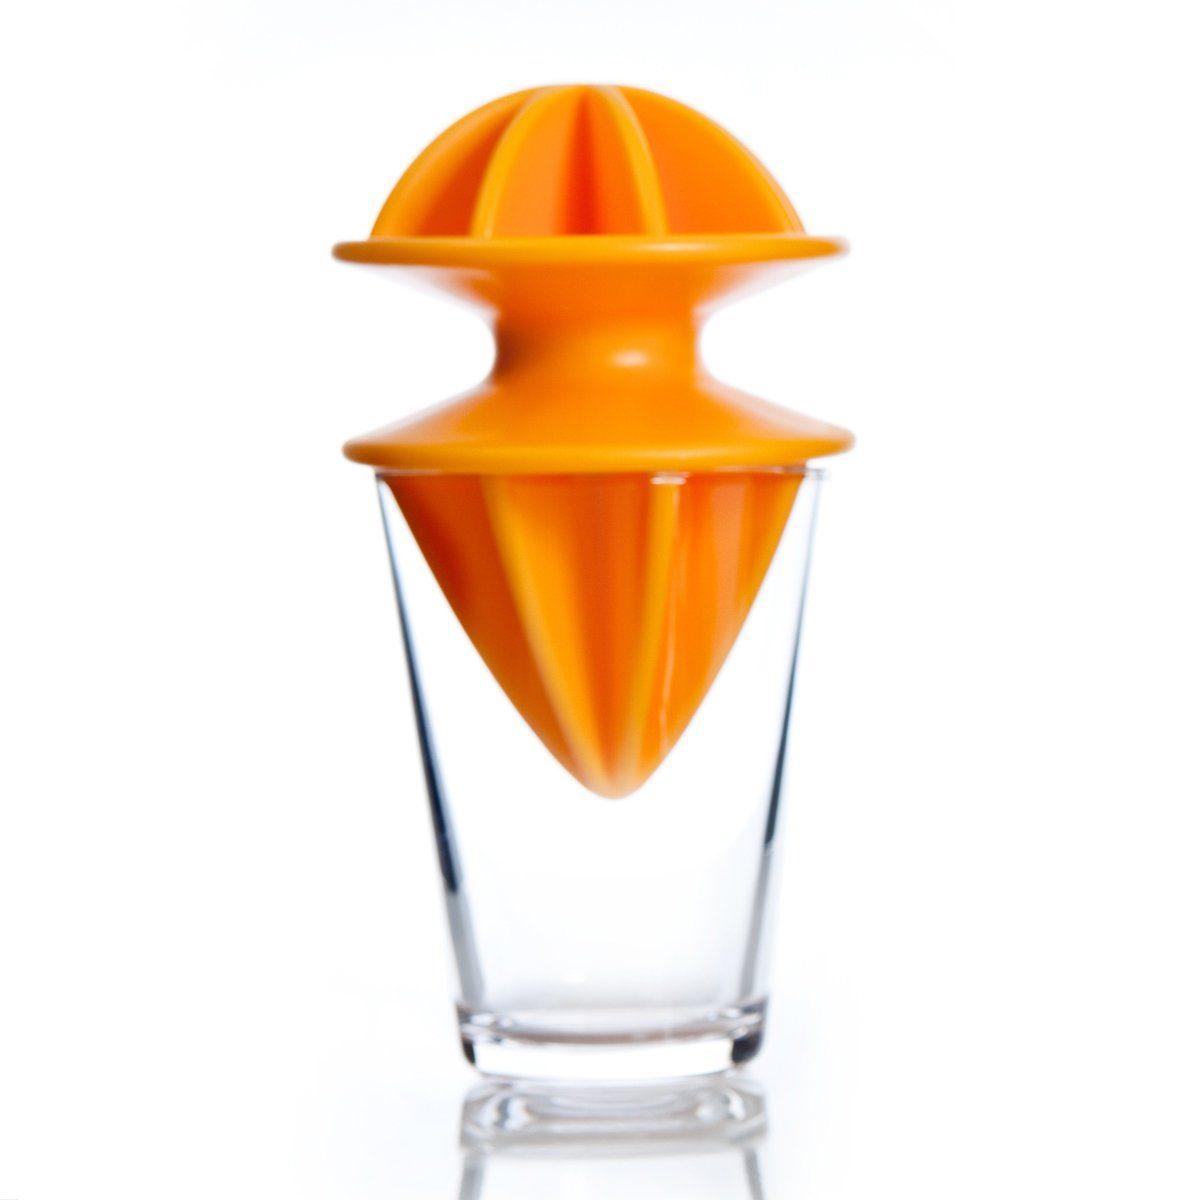 Royal VKB Royal VKB Saftpresse CITRANGE orange